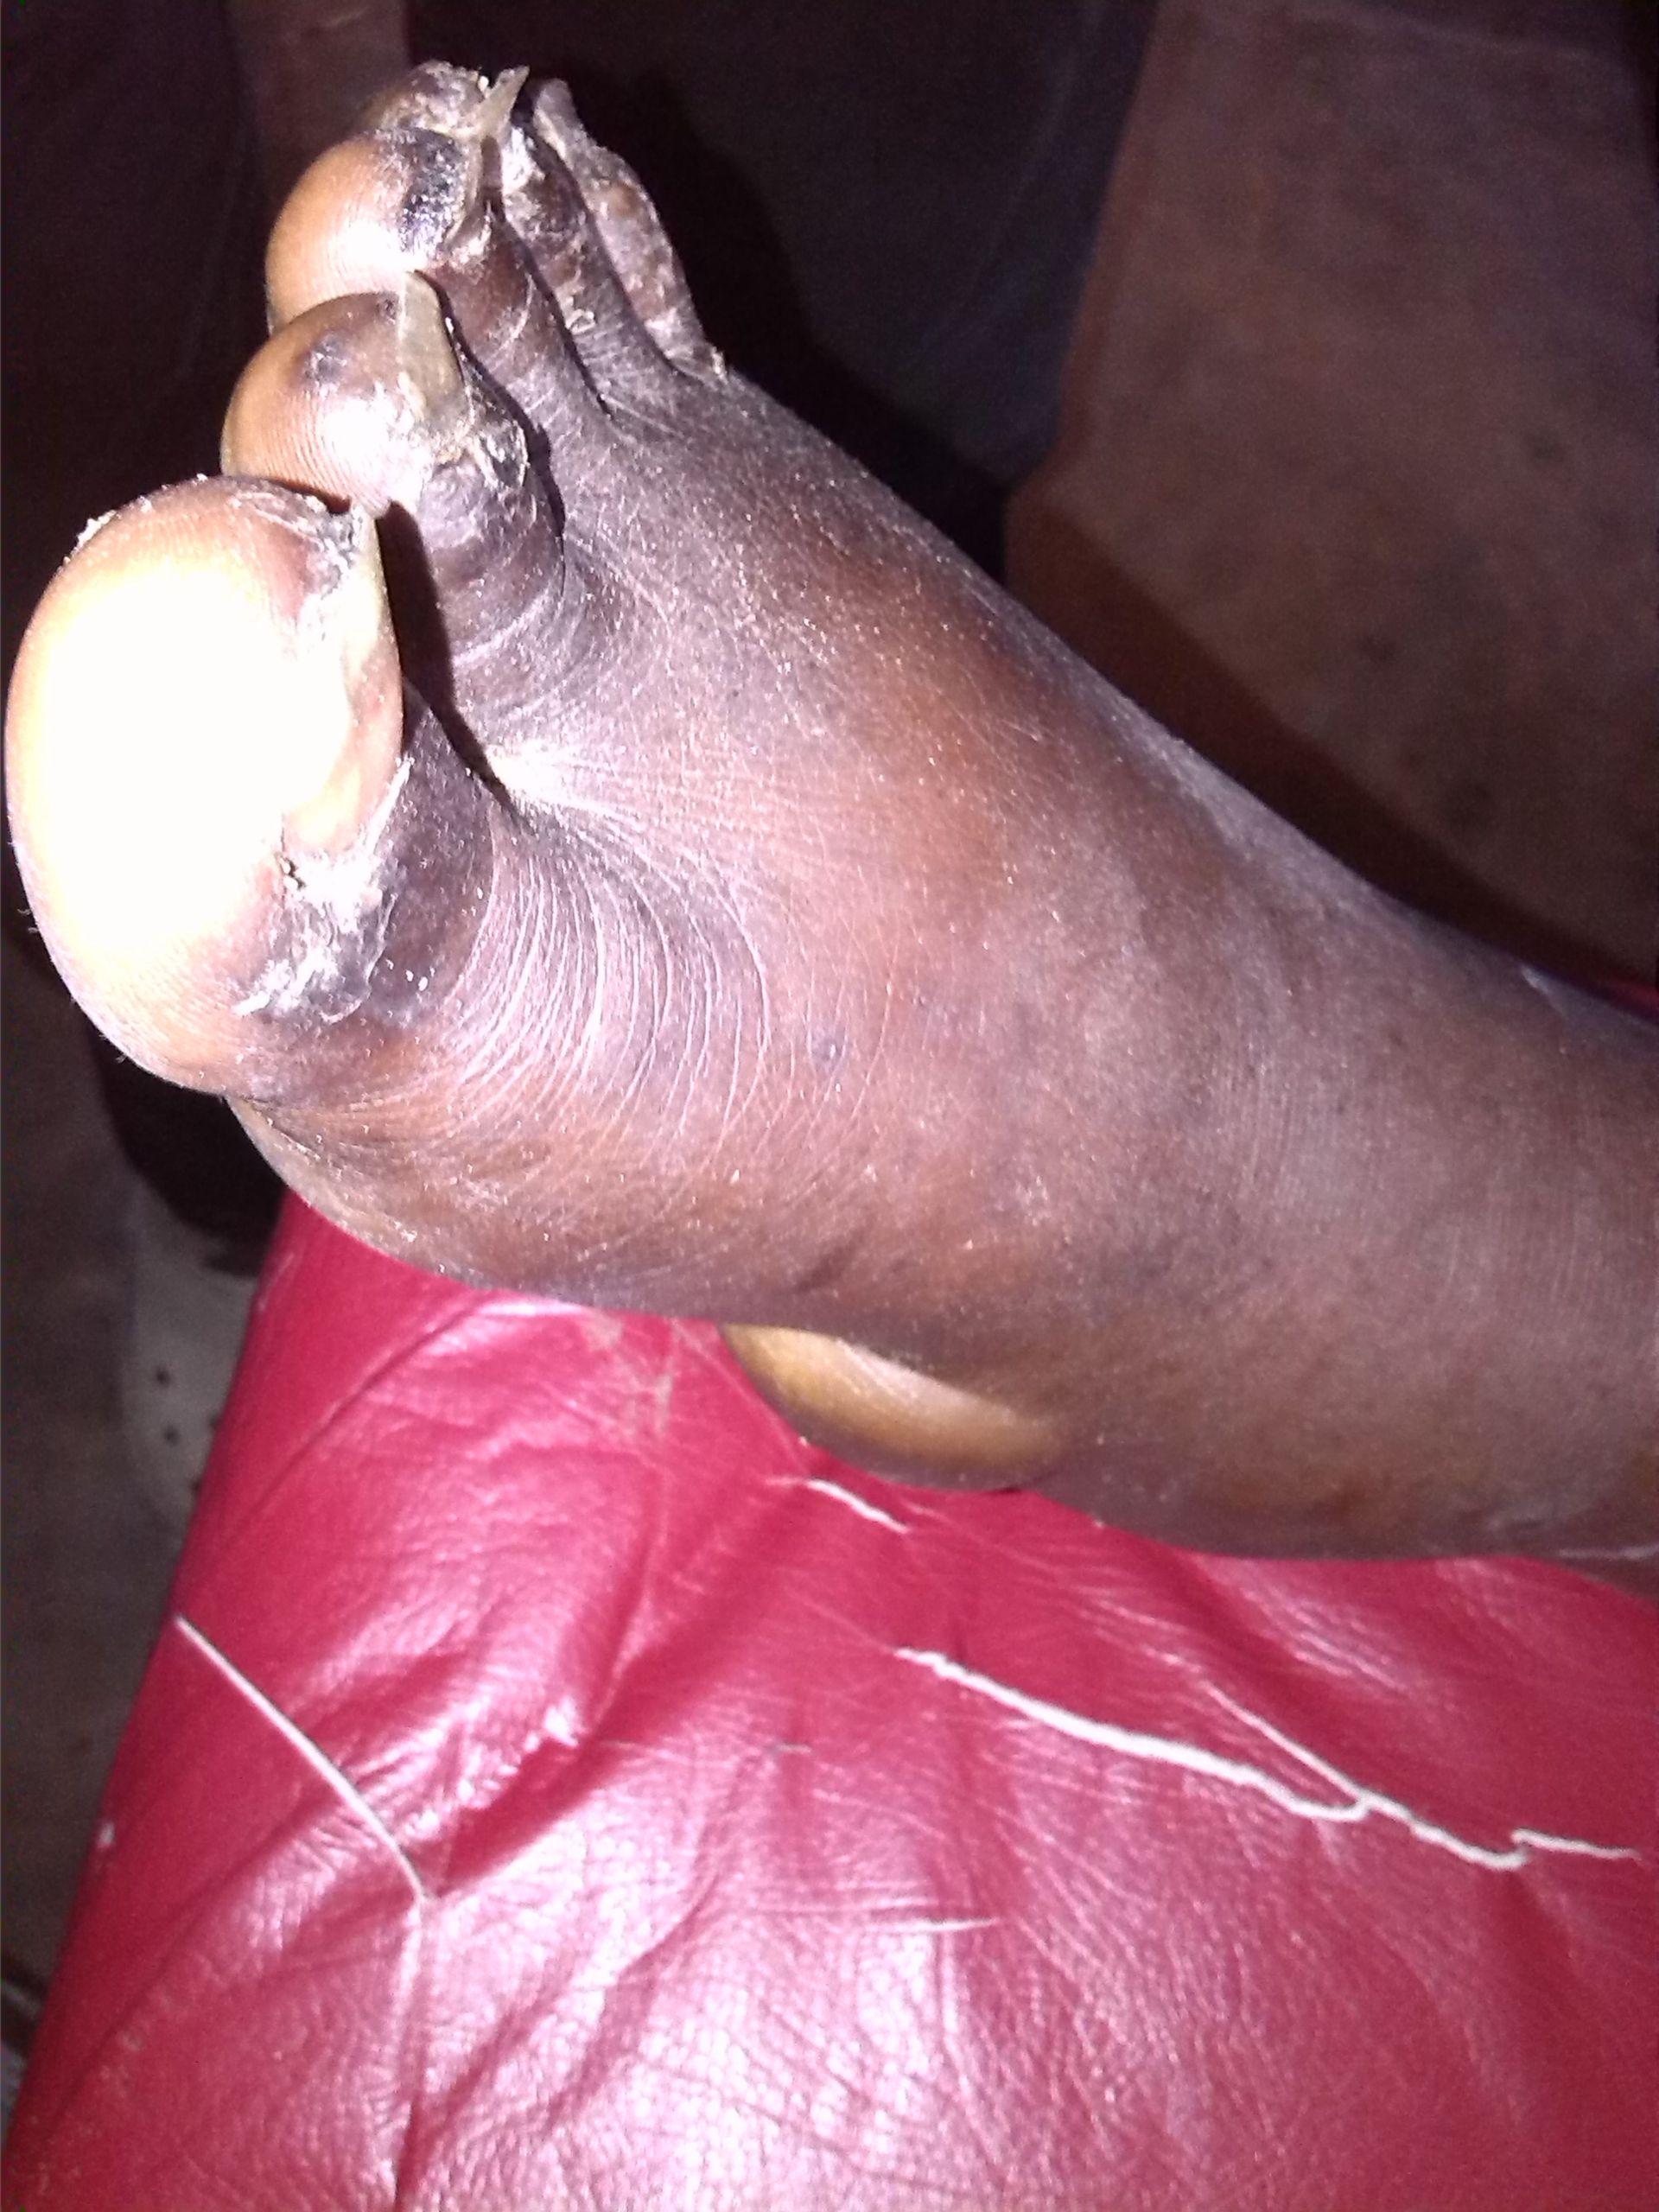 Nasse Gangrän am rechten Fuß